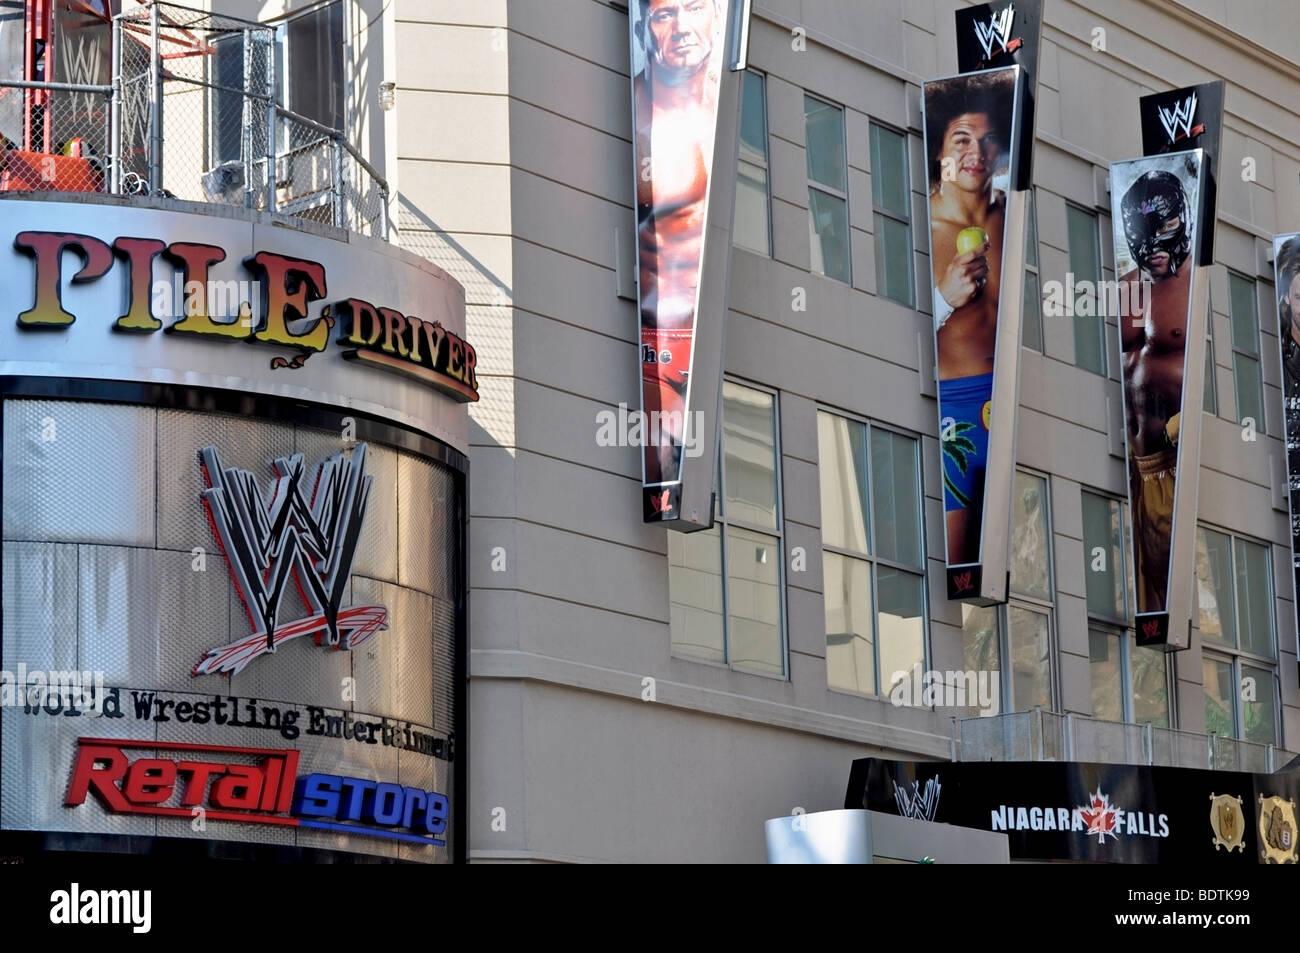 La WWE (World Wrestling distracción) - Atracciones en Clifton Hill, Niagara, Canadá Imagen De Stock